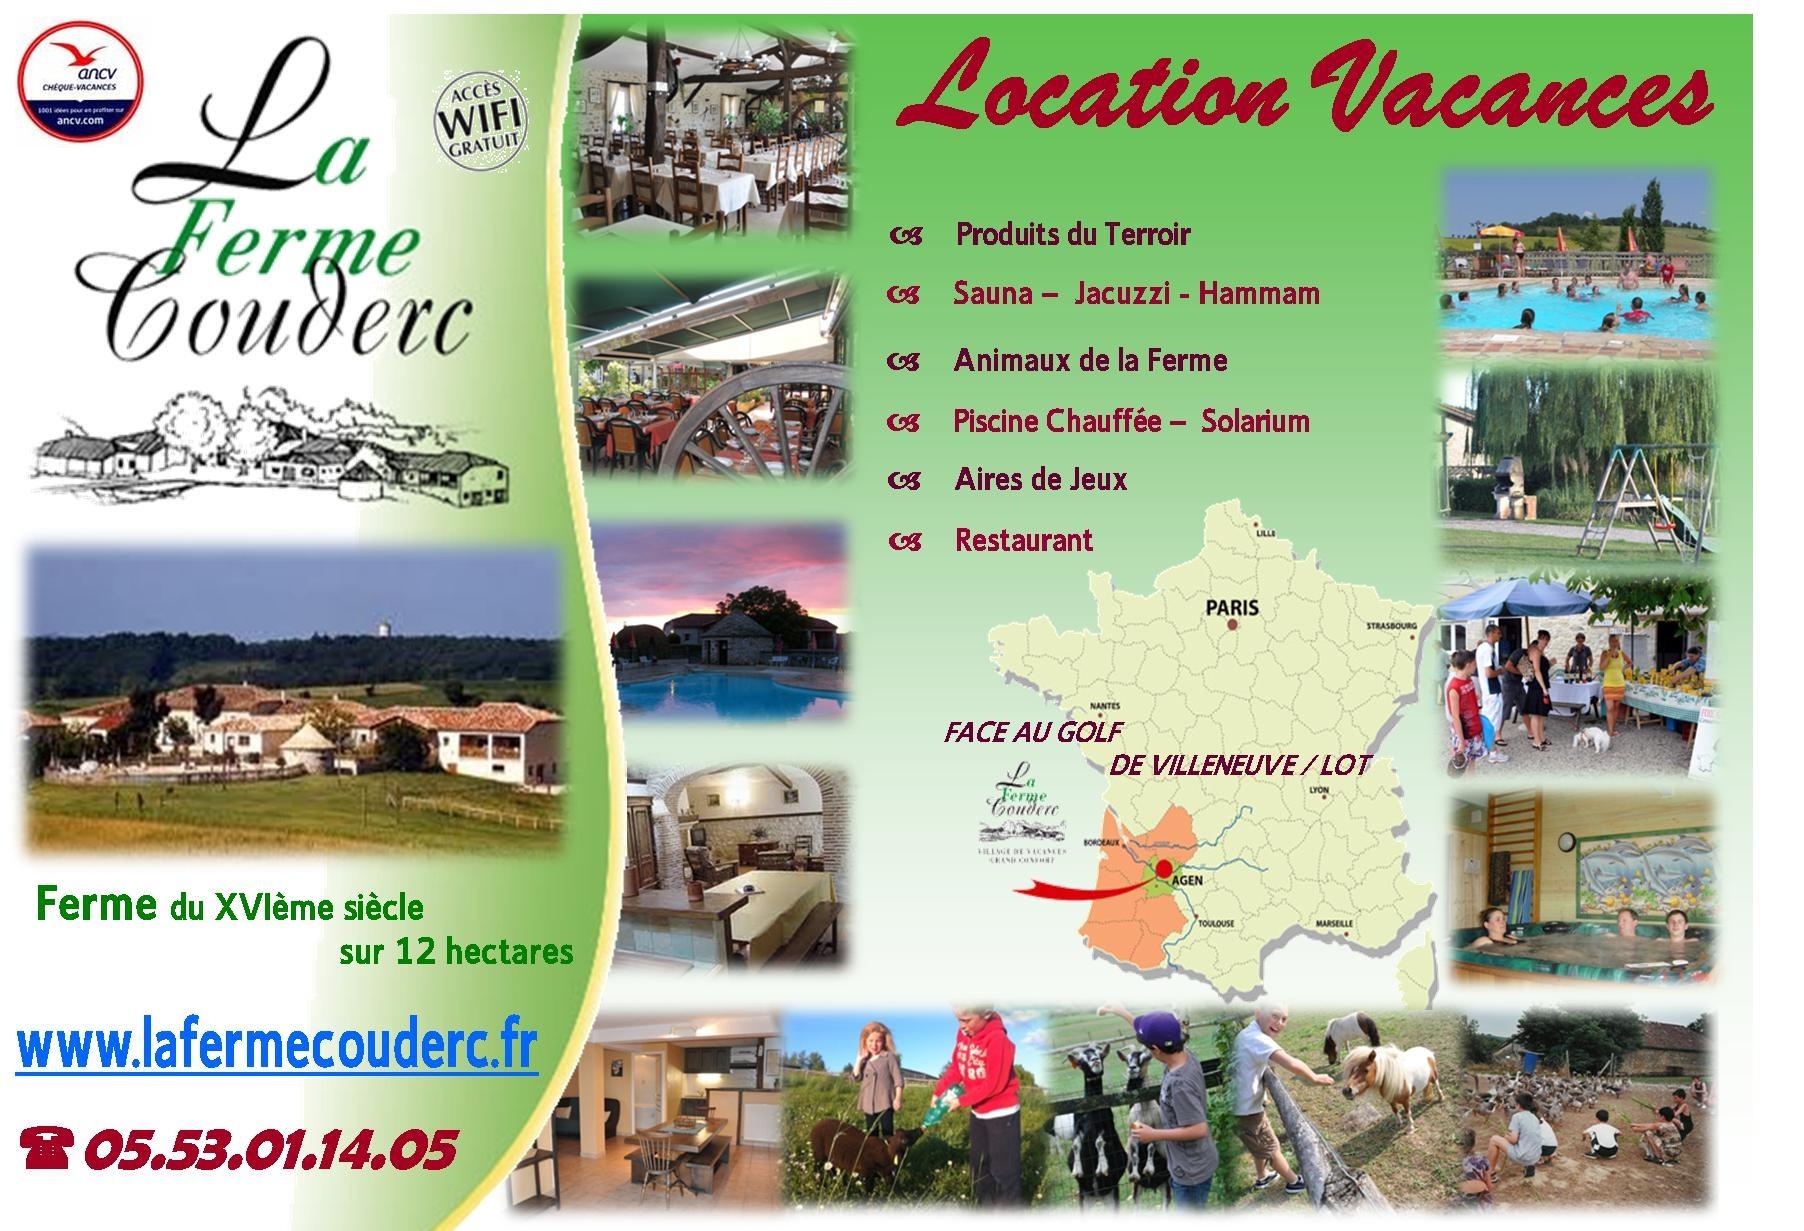 Village de Gîtes La Ferme Couderc Location Sud Ouest Aquitaine Lot et Garonne Villeneuve sur lot